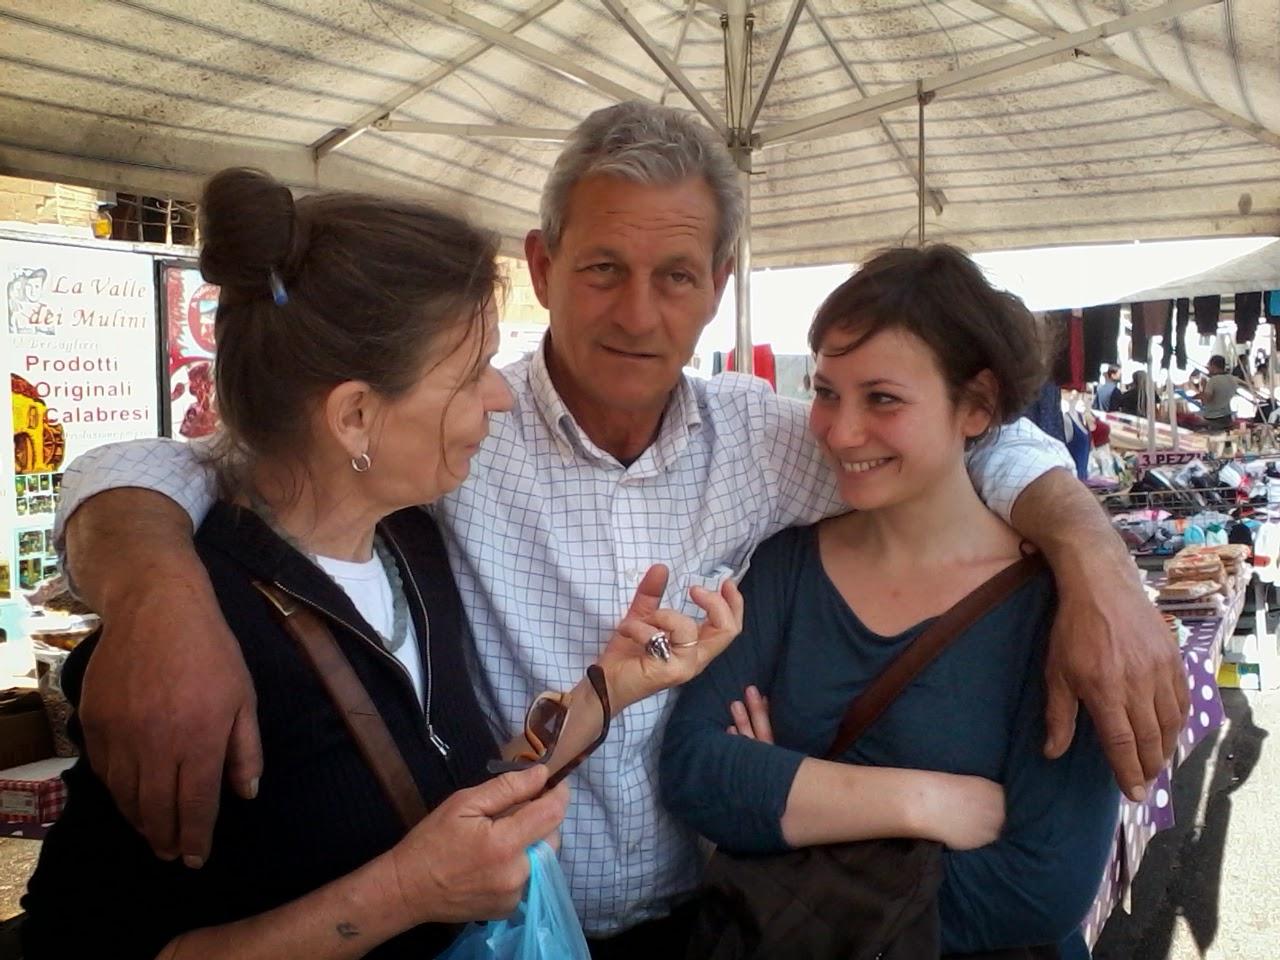 2014 04 06+13.40.15 - O mercado das pulgas de Roma: Porta Portese